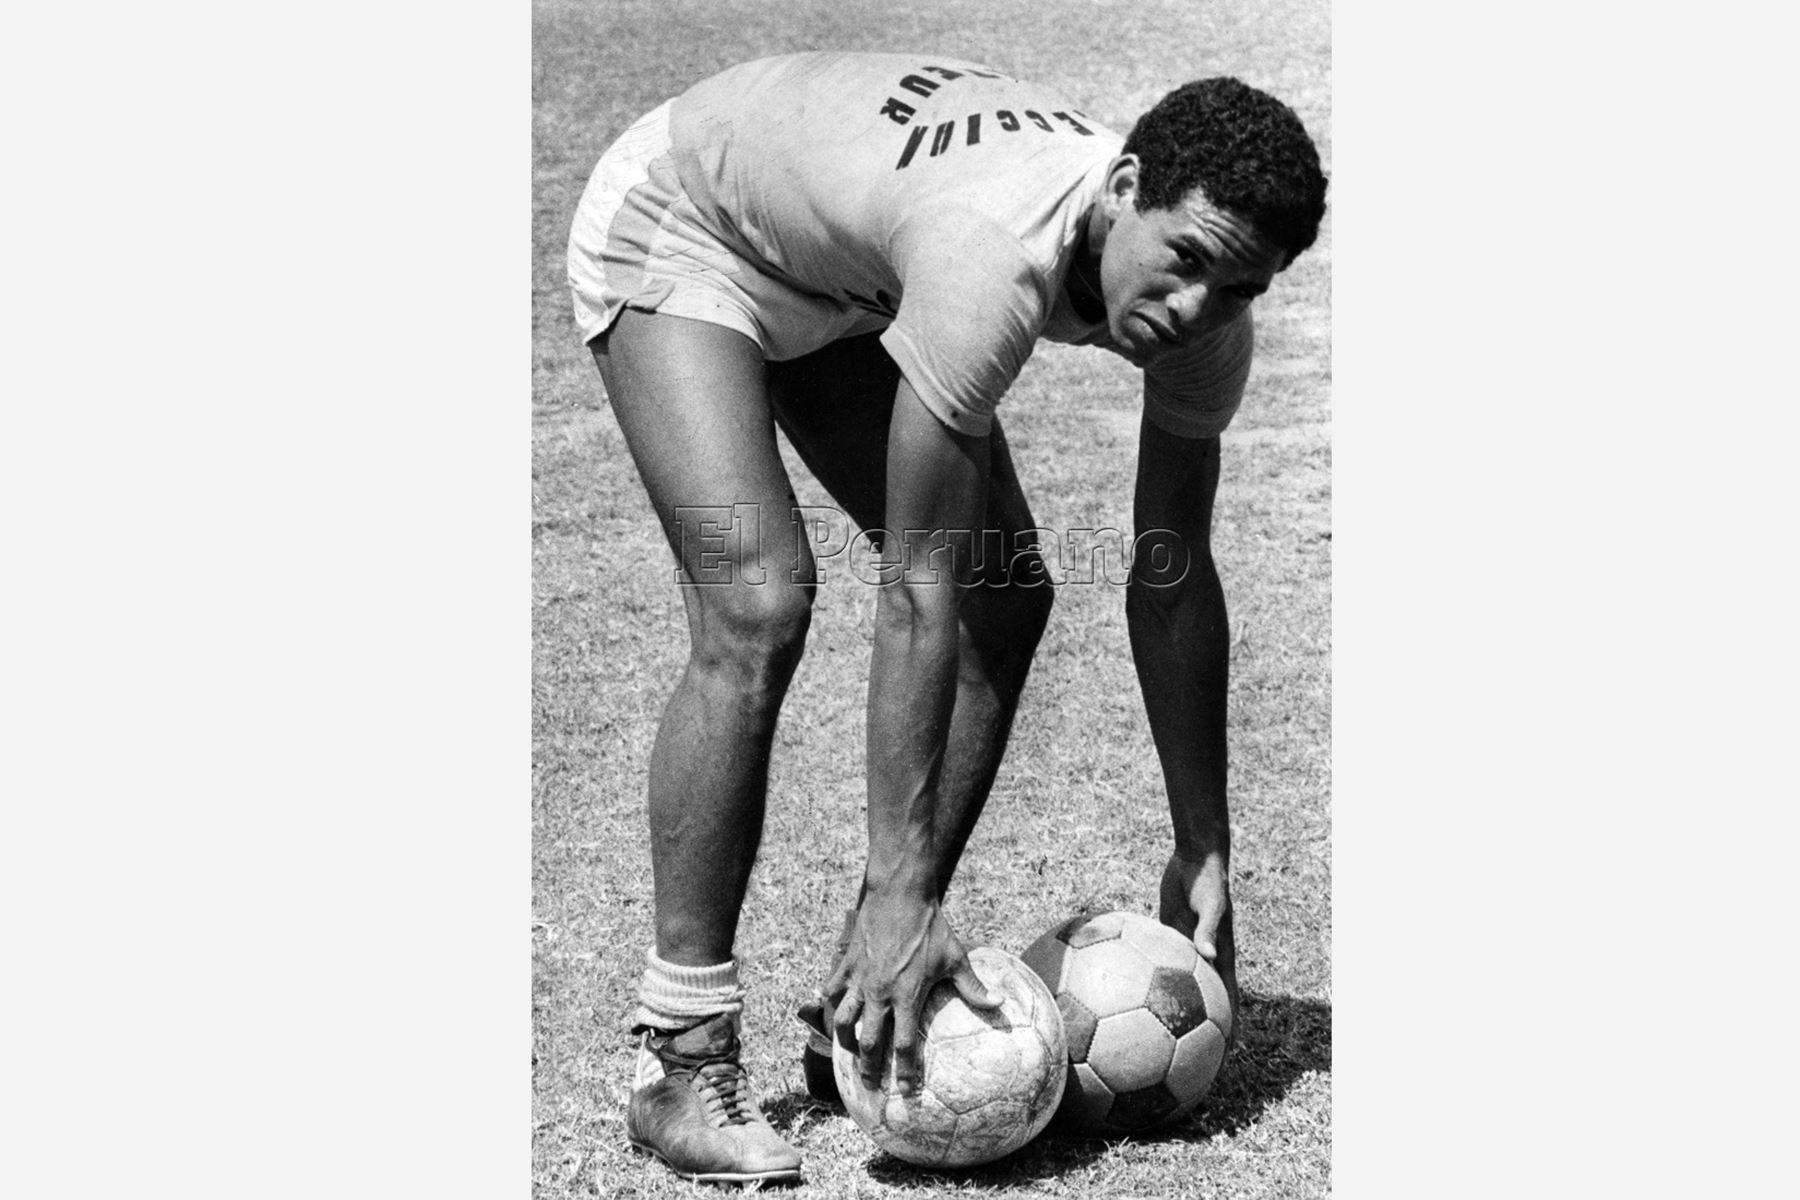 Lima - 18 diciembre 1979 / Samuel Eugenio entrenando. Foto: ANDINA/Archivo diario El Peruano